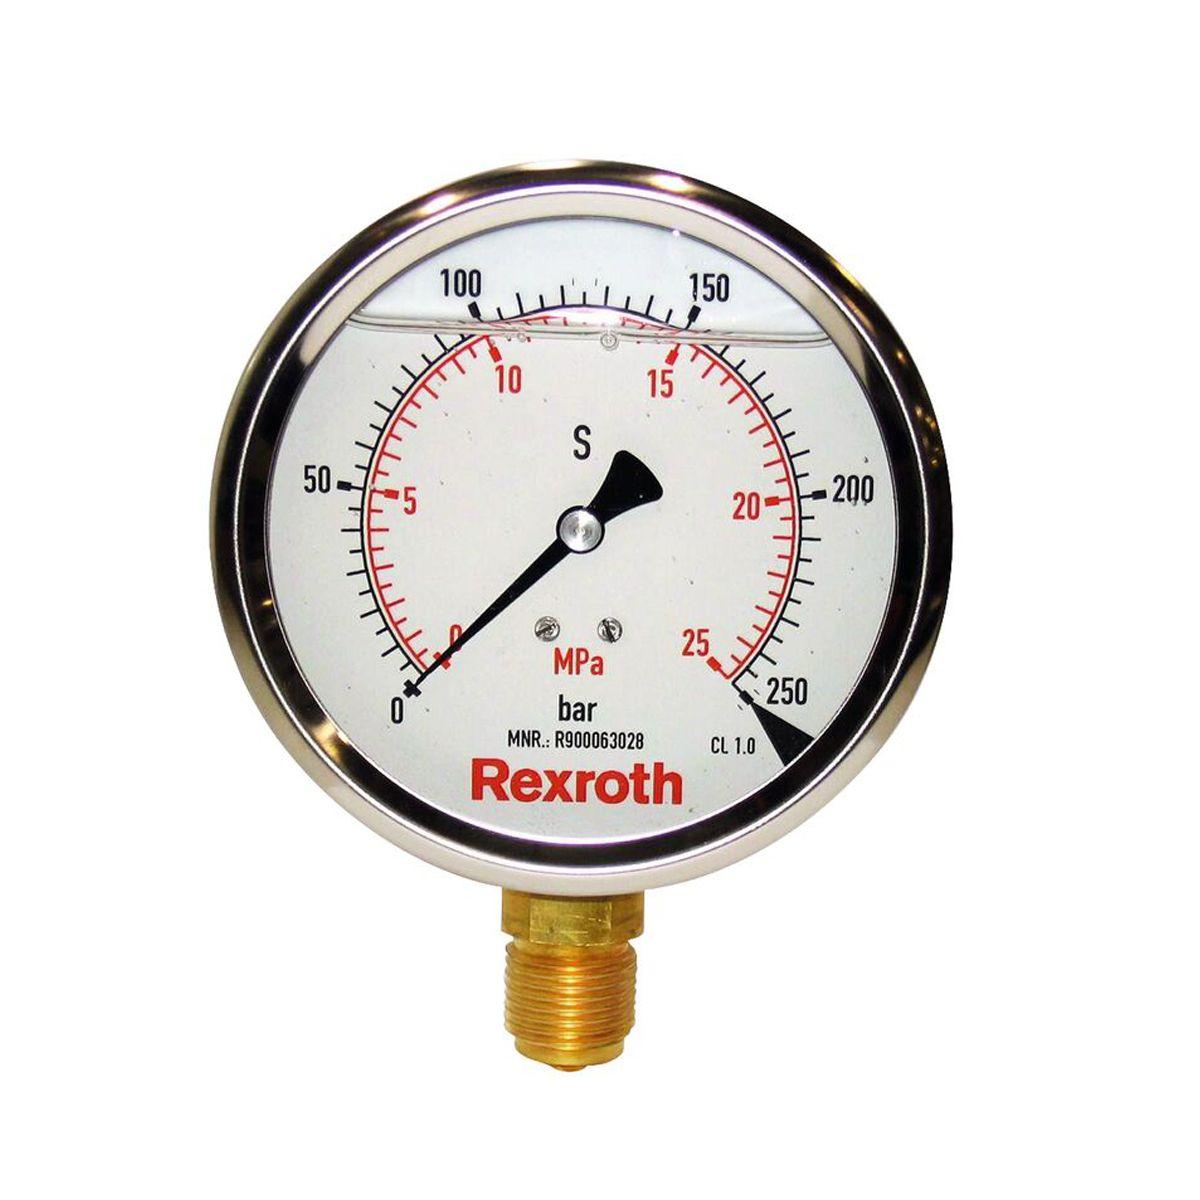 Stauff manómetro de presión Bosch Rexroth